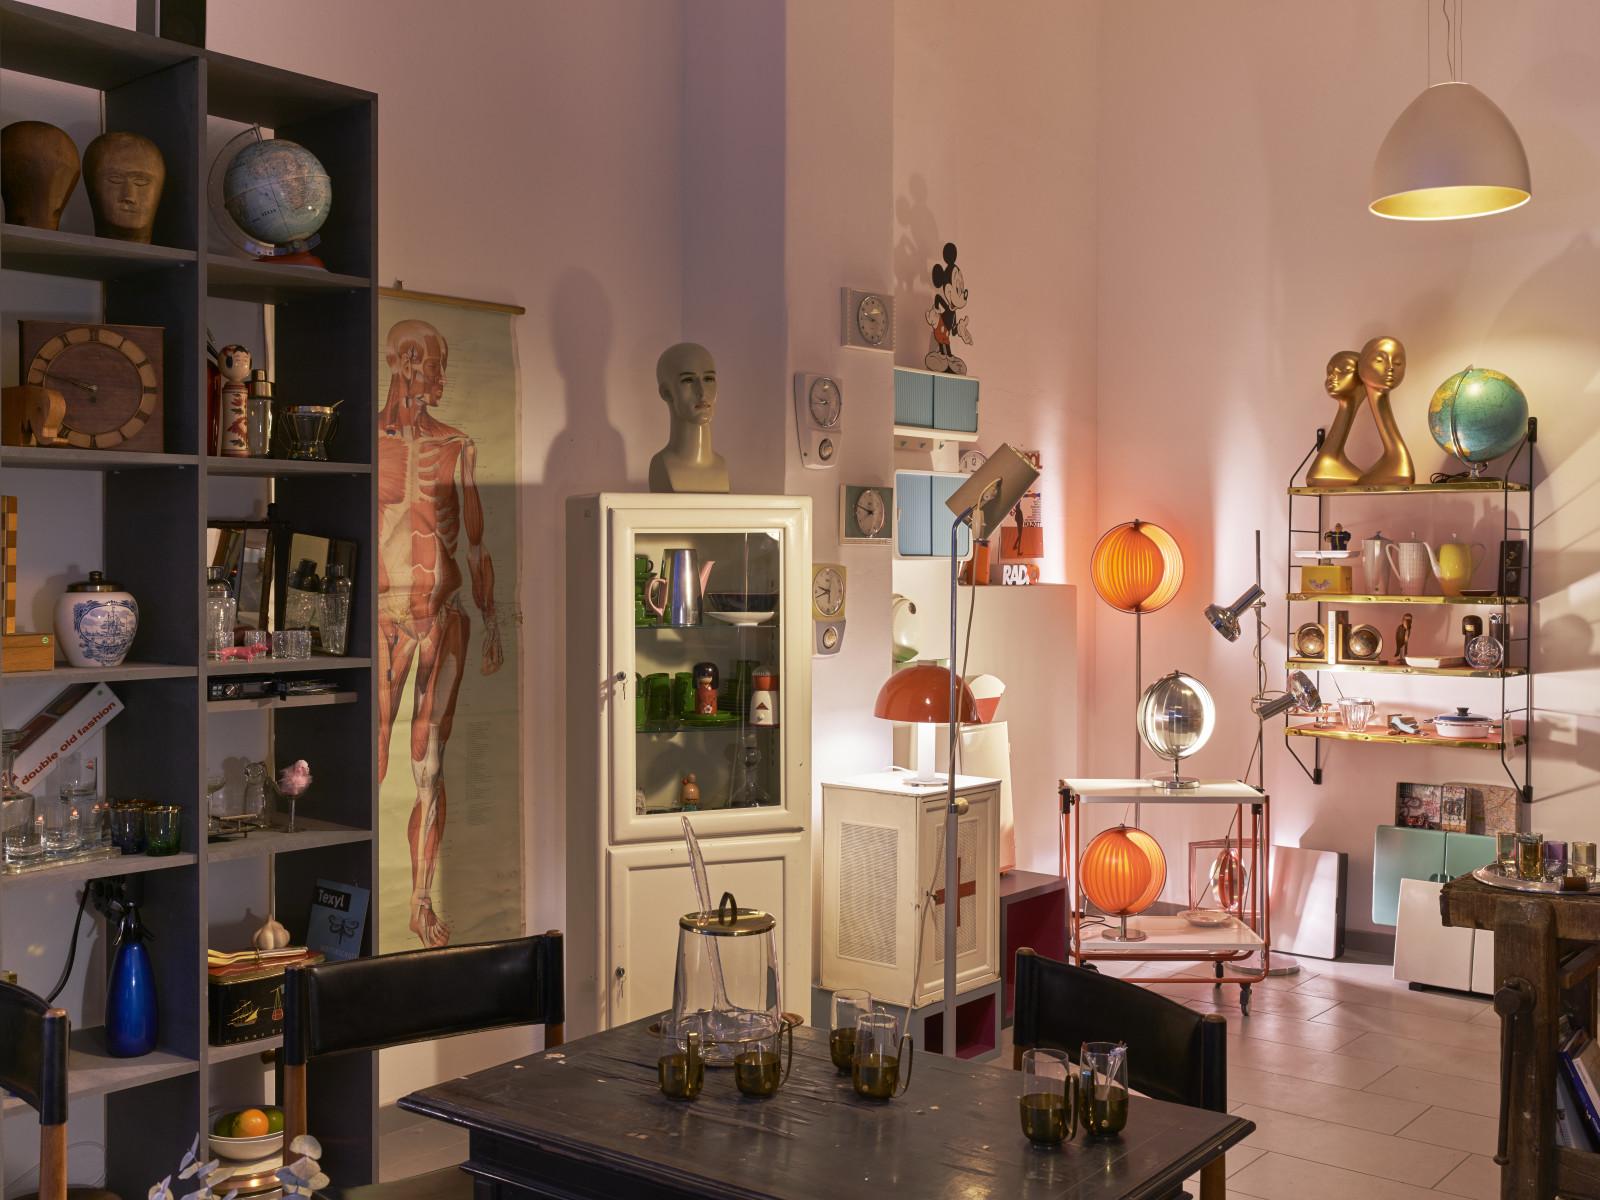 Bost Möbel Und Leuchten Wohnaccessoires Und Kuriosa Der 20er Bis